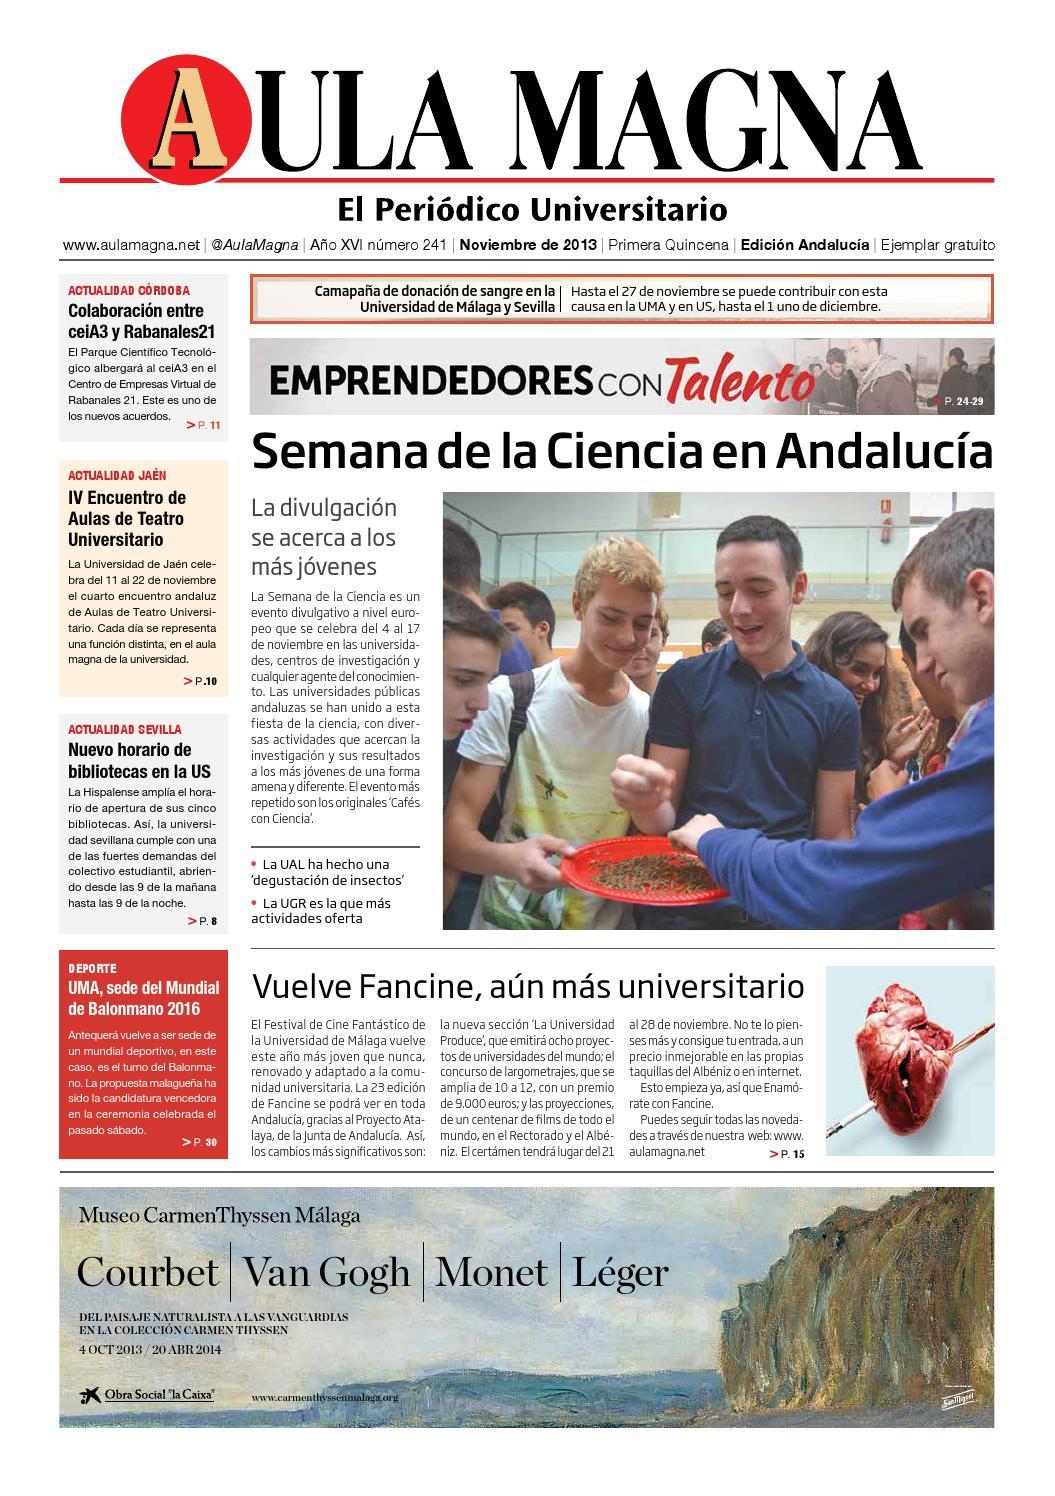 241 - Aula Magna - Andalucía by Aula Magna - issuu ccc600731c9d8